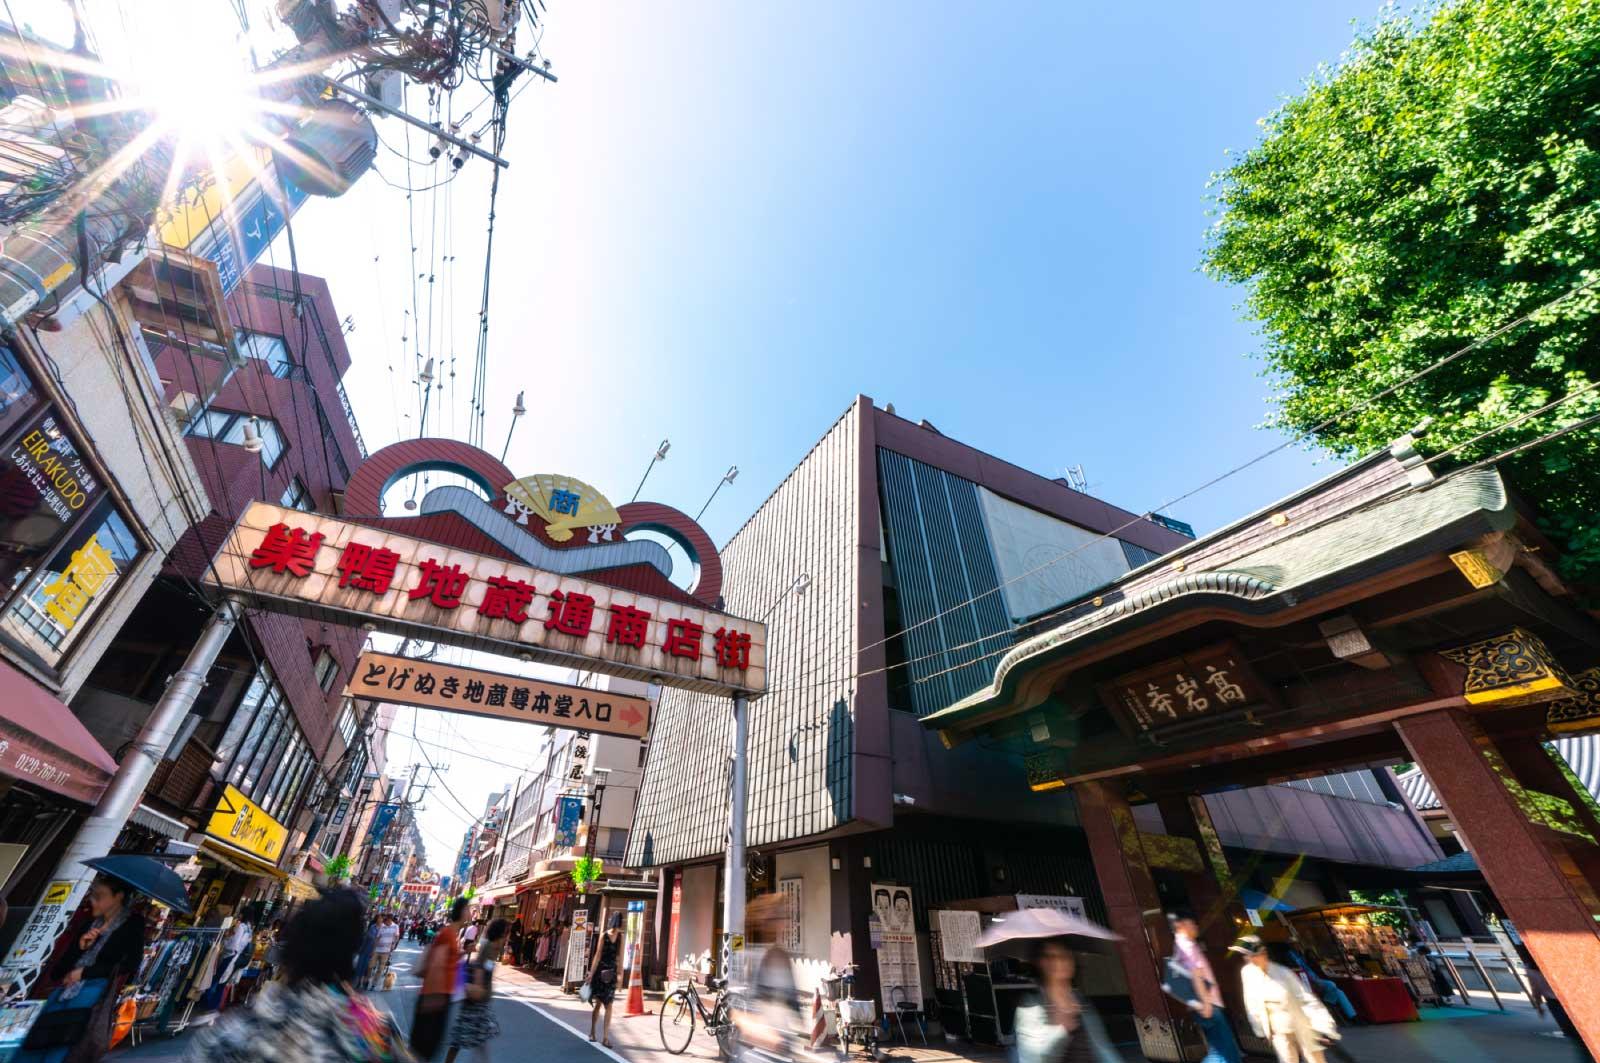 高岩寺(とげぬき地蔵尊)と巣鴨の商店街